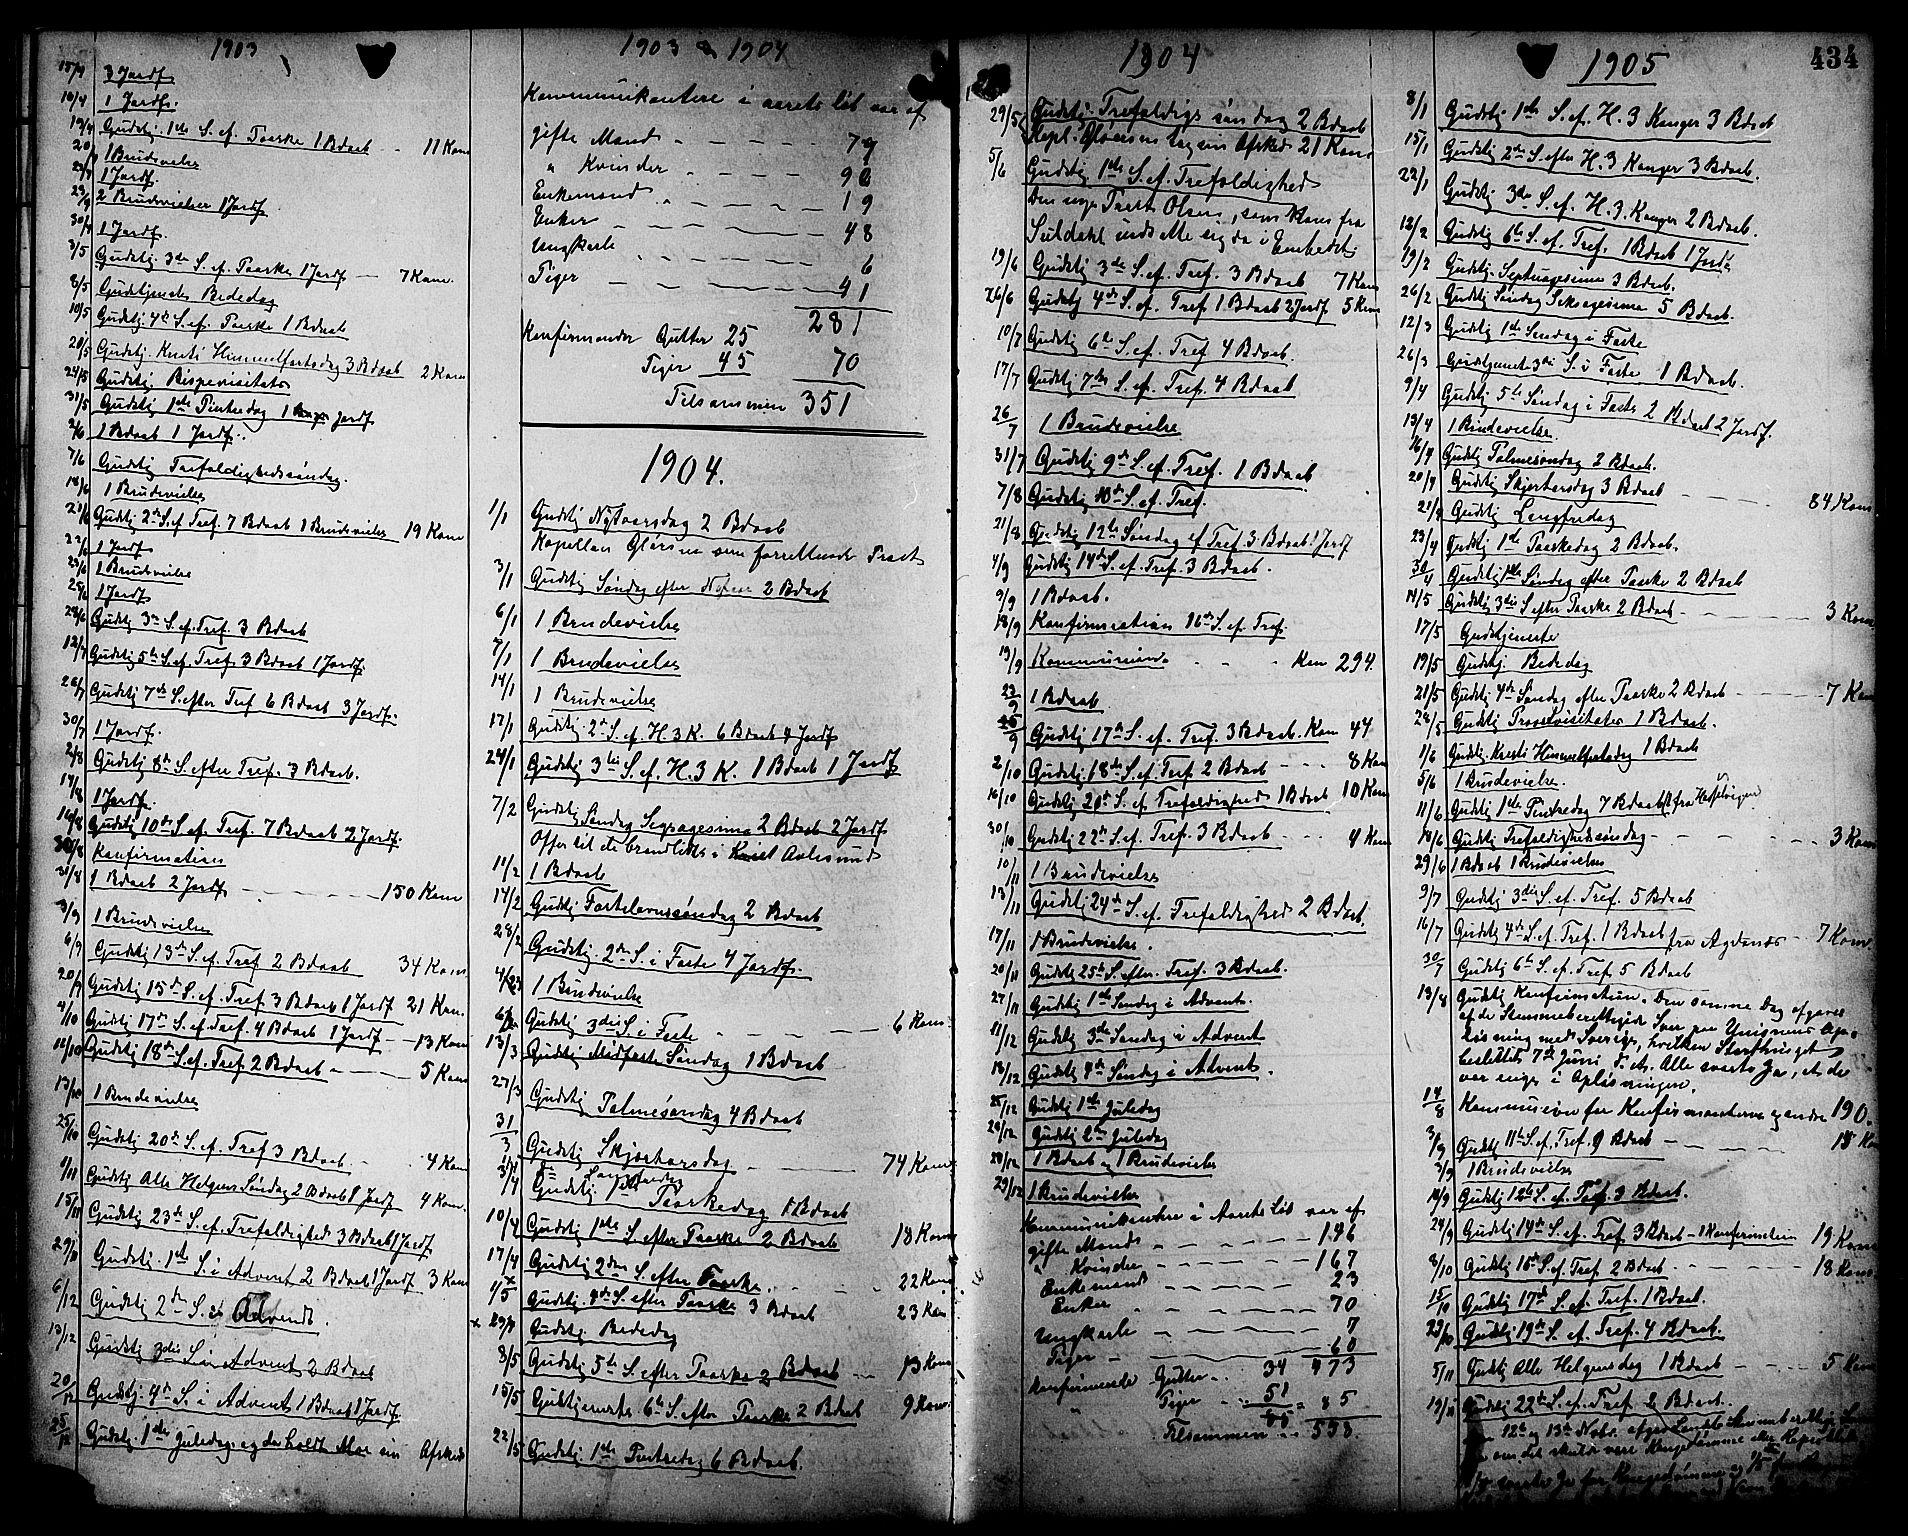 SAT, Ministerialprotokoller, klokkerbøker og fødselsregistre - Sør-Trøndelag, 659/L0746: Klokkerbok nr. 659C03, 1893-1912, s. 434